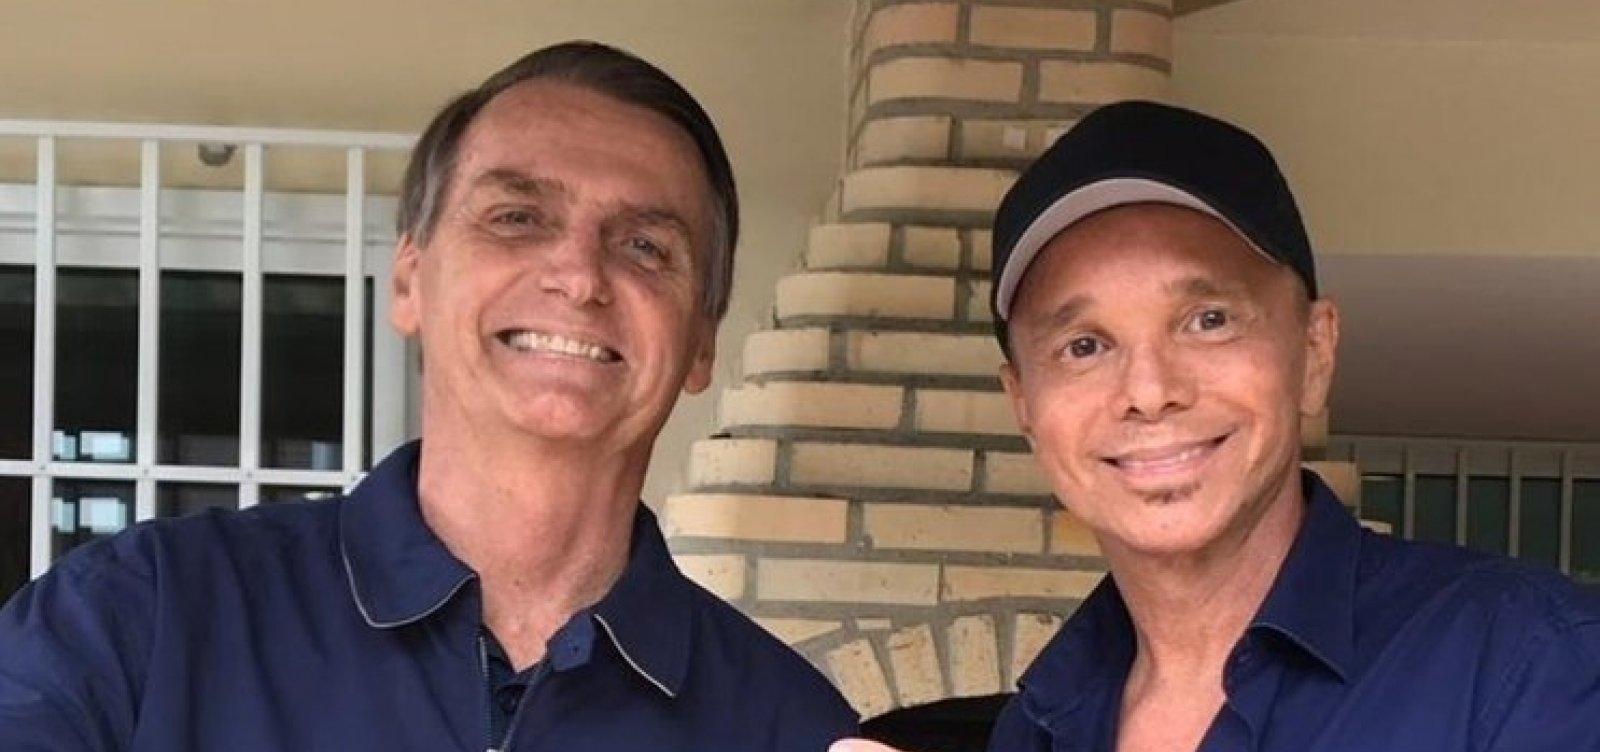 Bissexual assumido, Netinho visita Bolsonaro: 'Estou com você de graça'